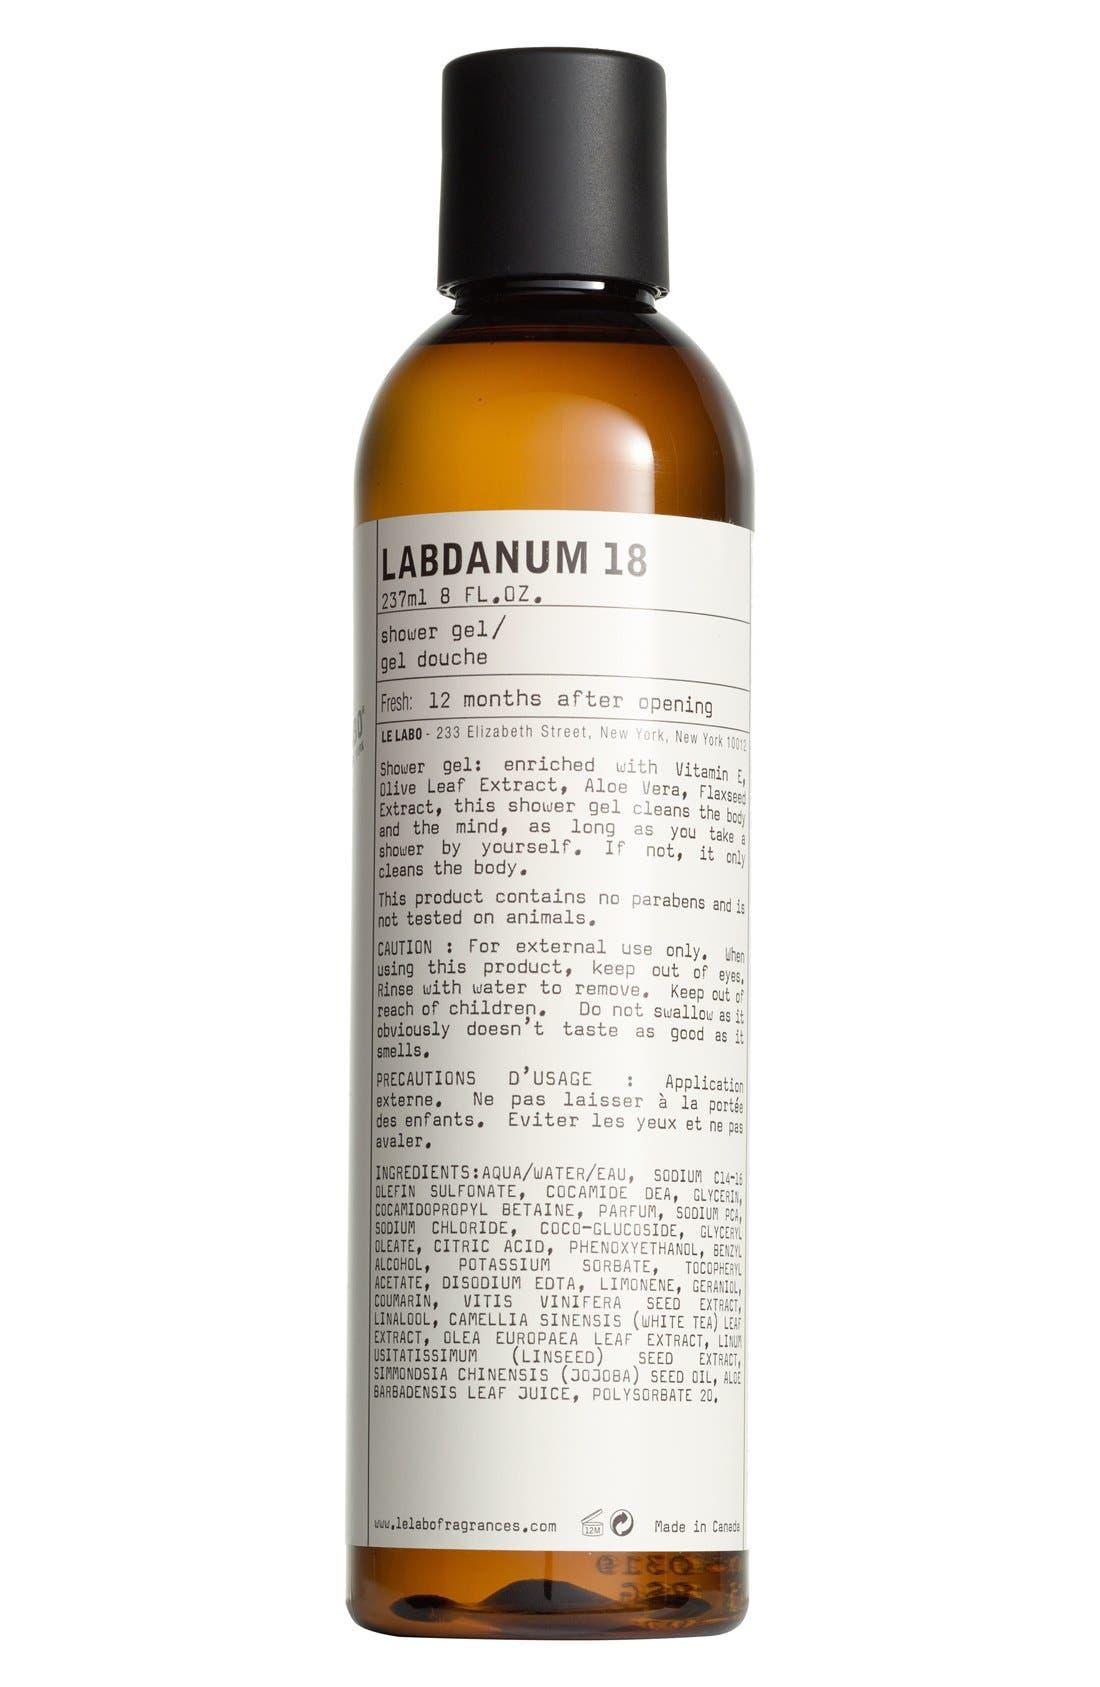 Le Labo 'Labdanum 18' Shower Gel